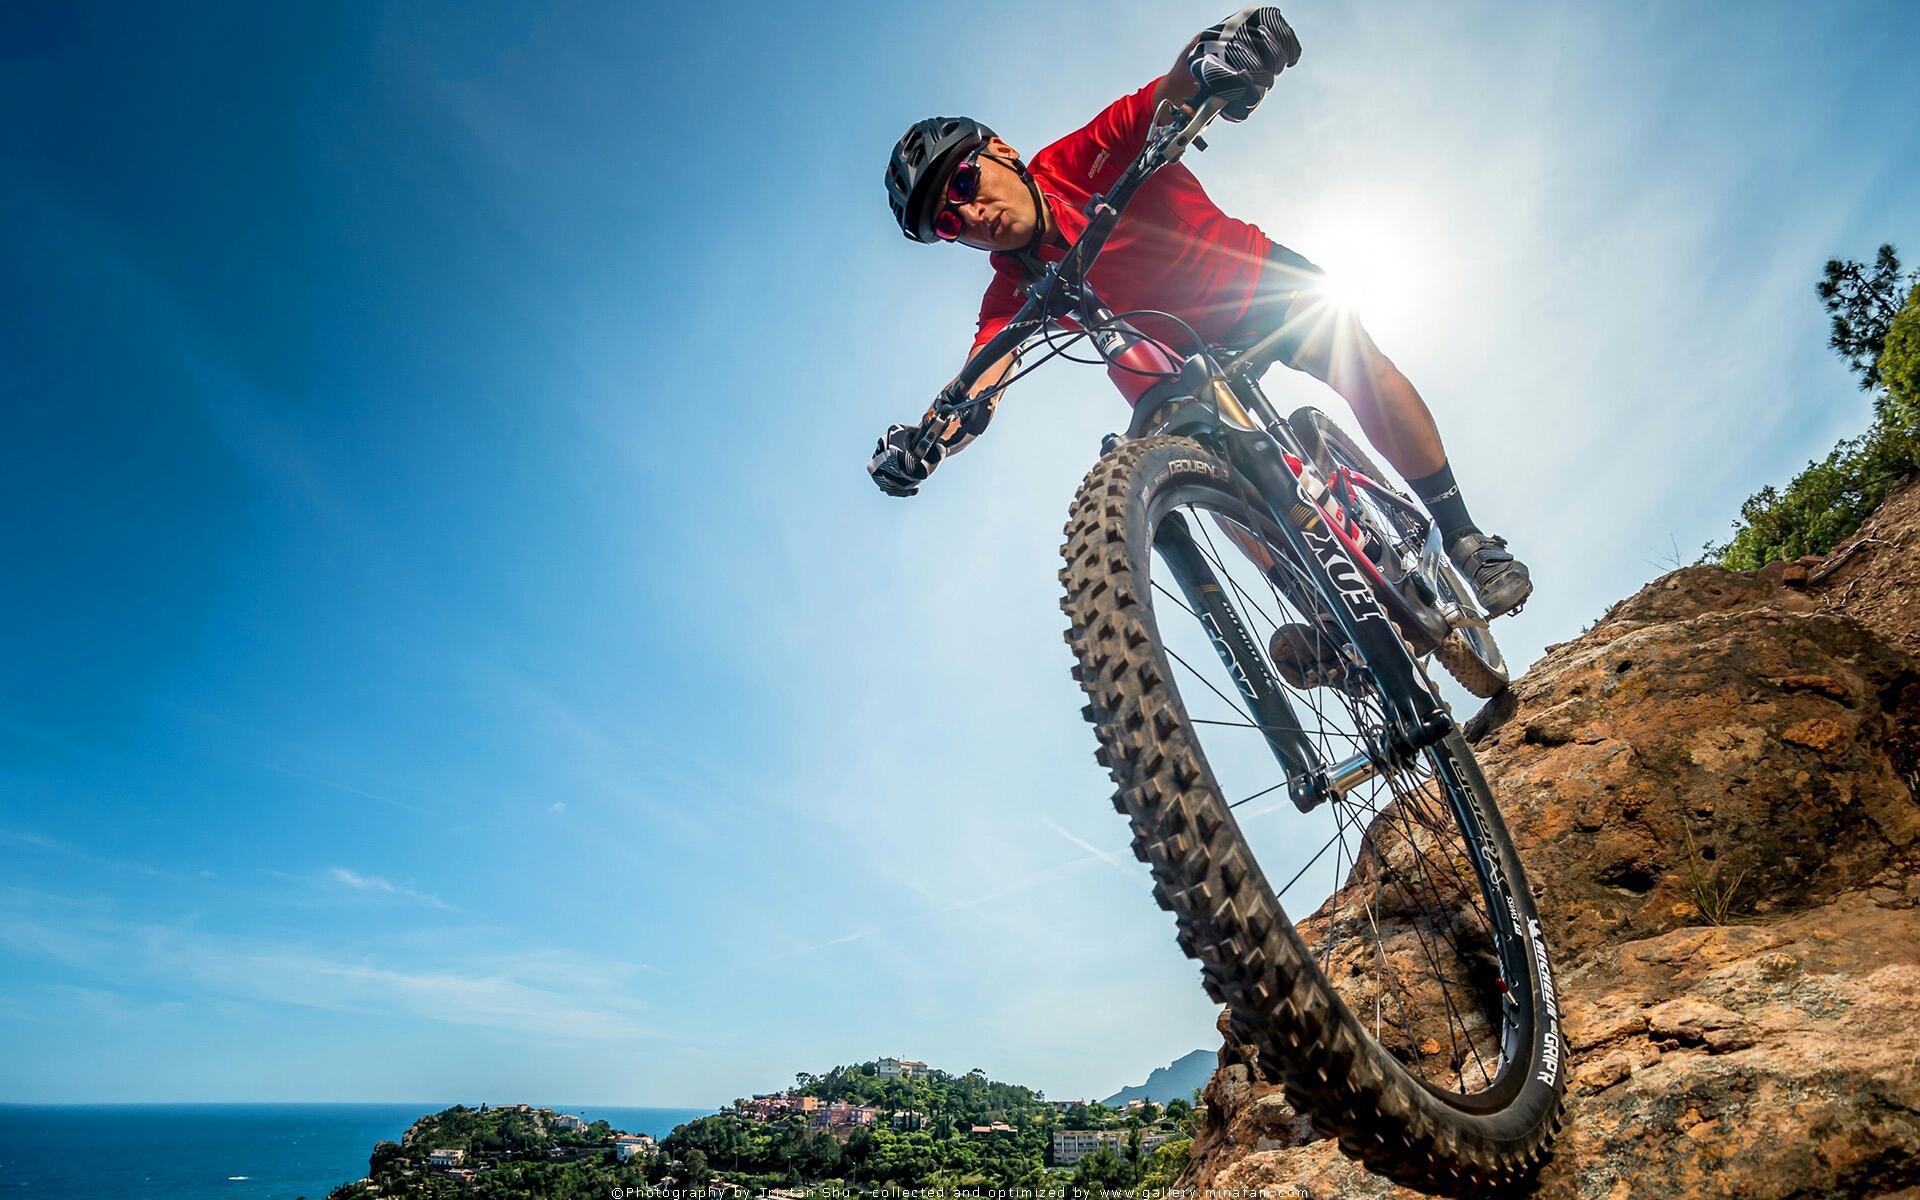 مزایای سلامتی دوچرخه سواری برای بدن